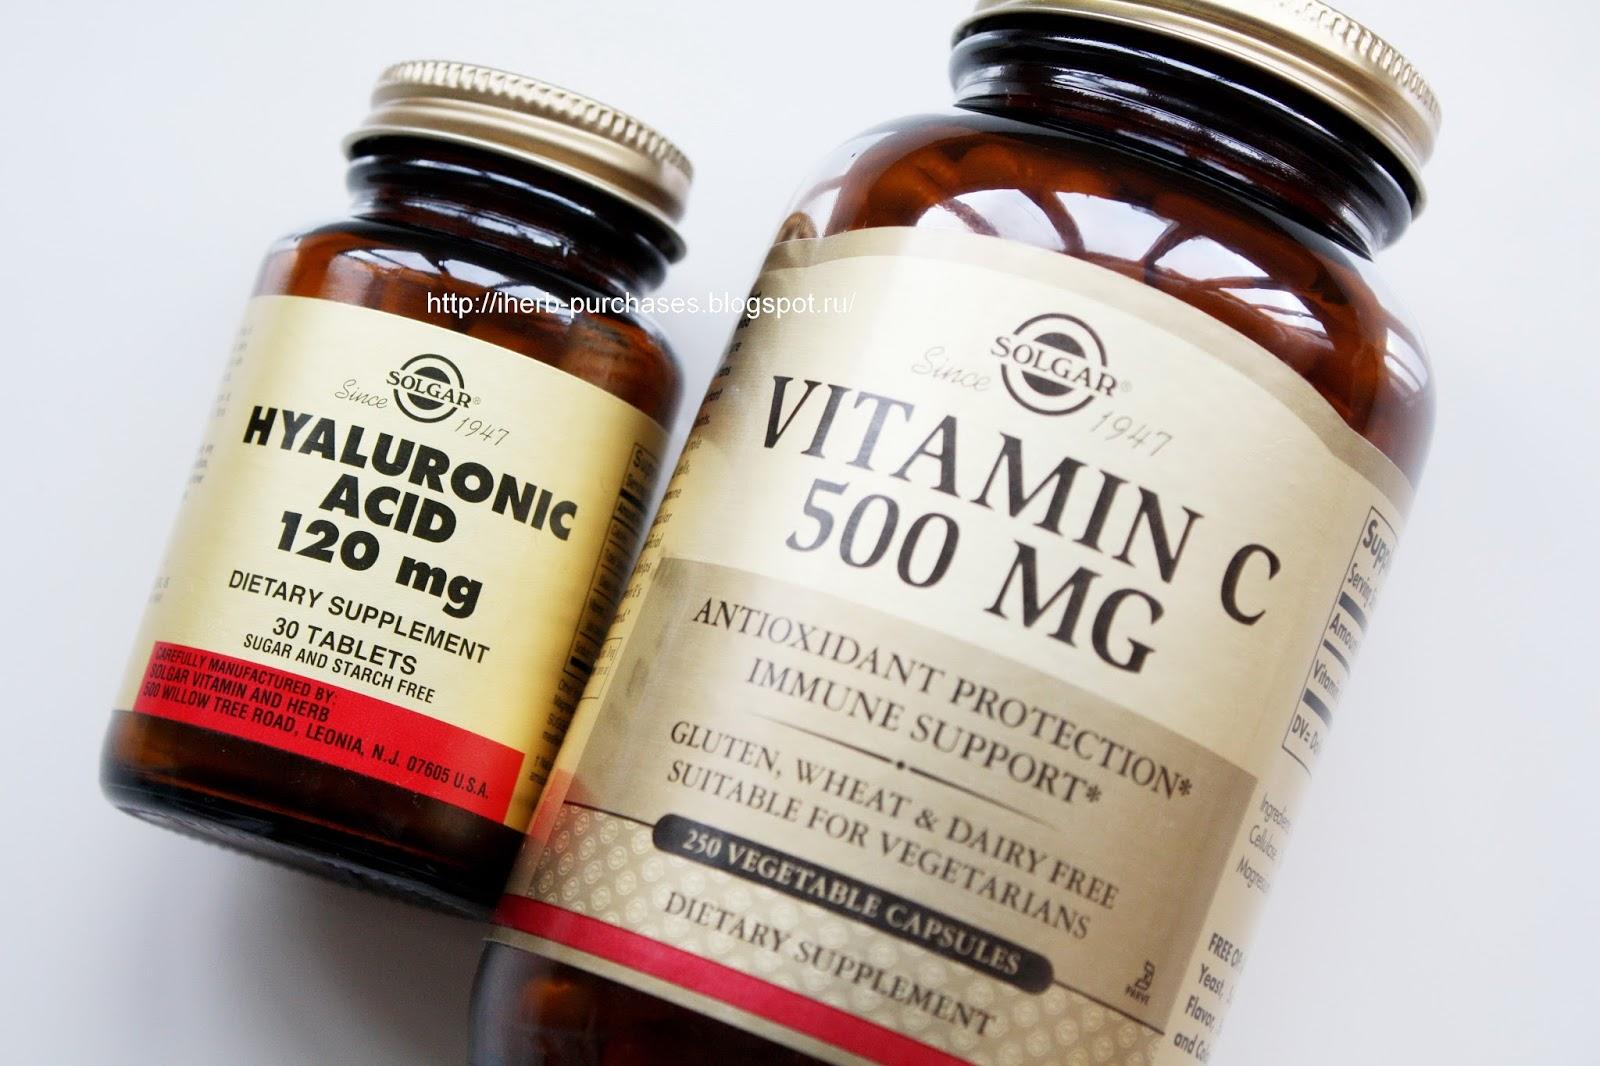 гиалуроновая кислота, витамин с, бад, витамины, добавка, таблетка, капсула, увлажнение кожи, отзыв, iherb